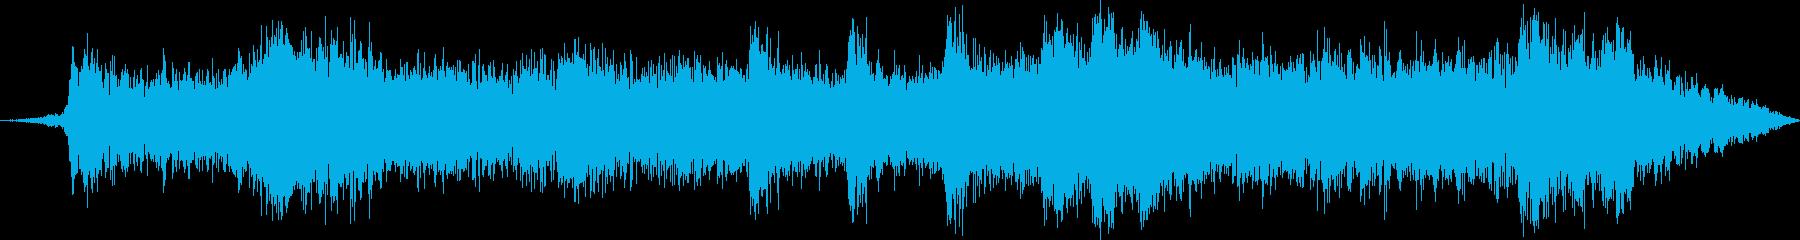 ラジオ制作シーン:ホラー背景音楽付...の再生済みの波形